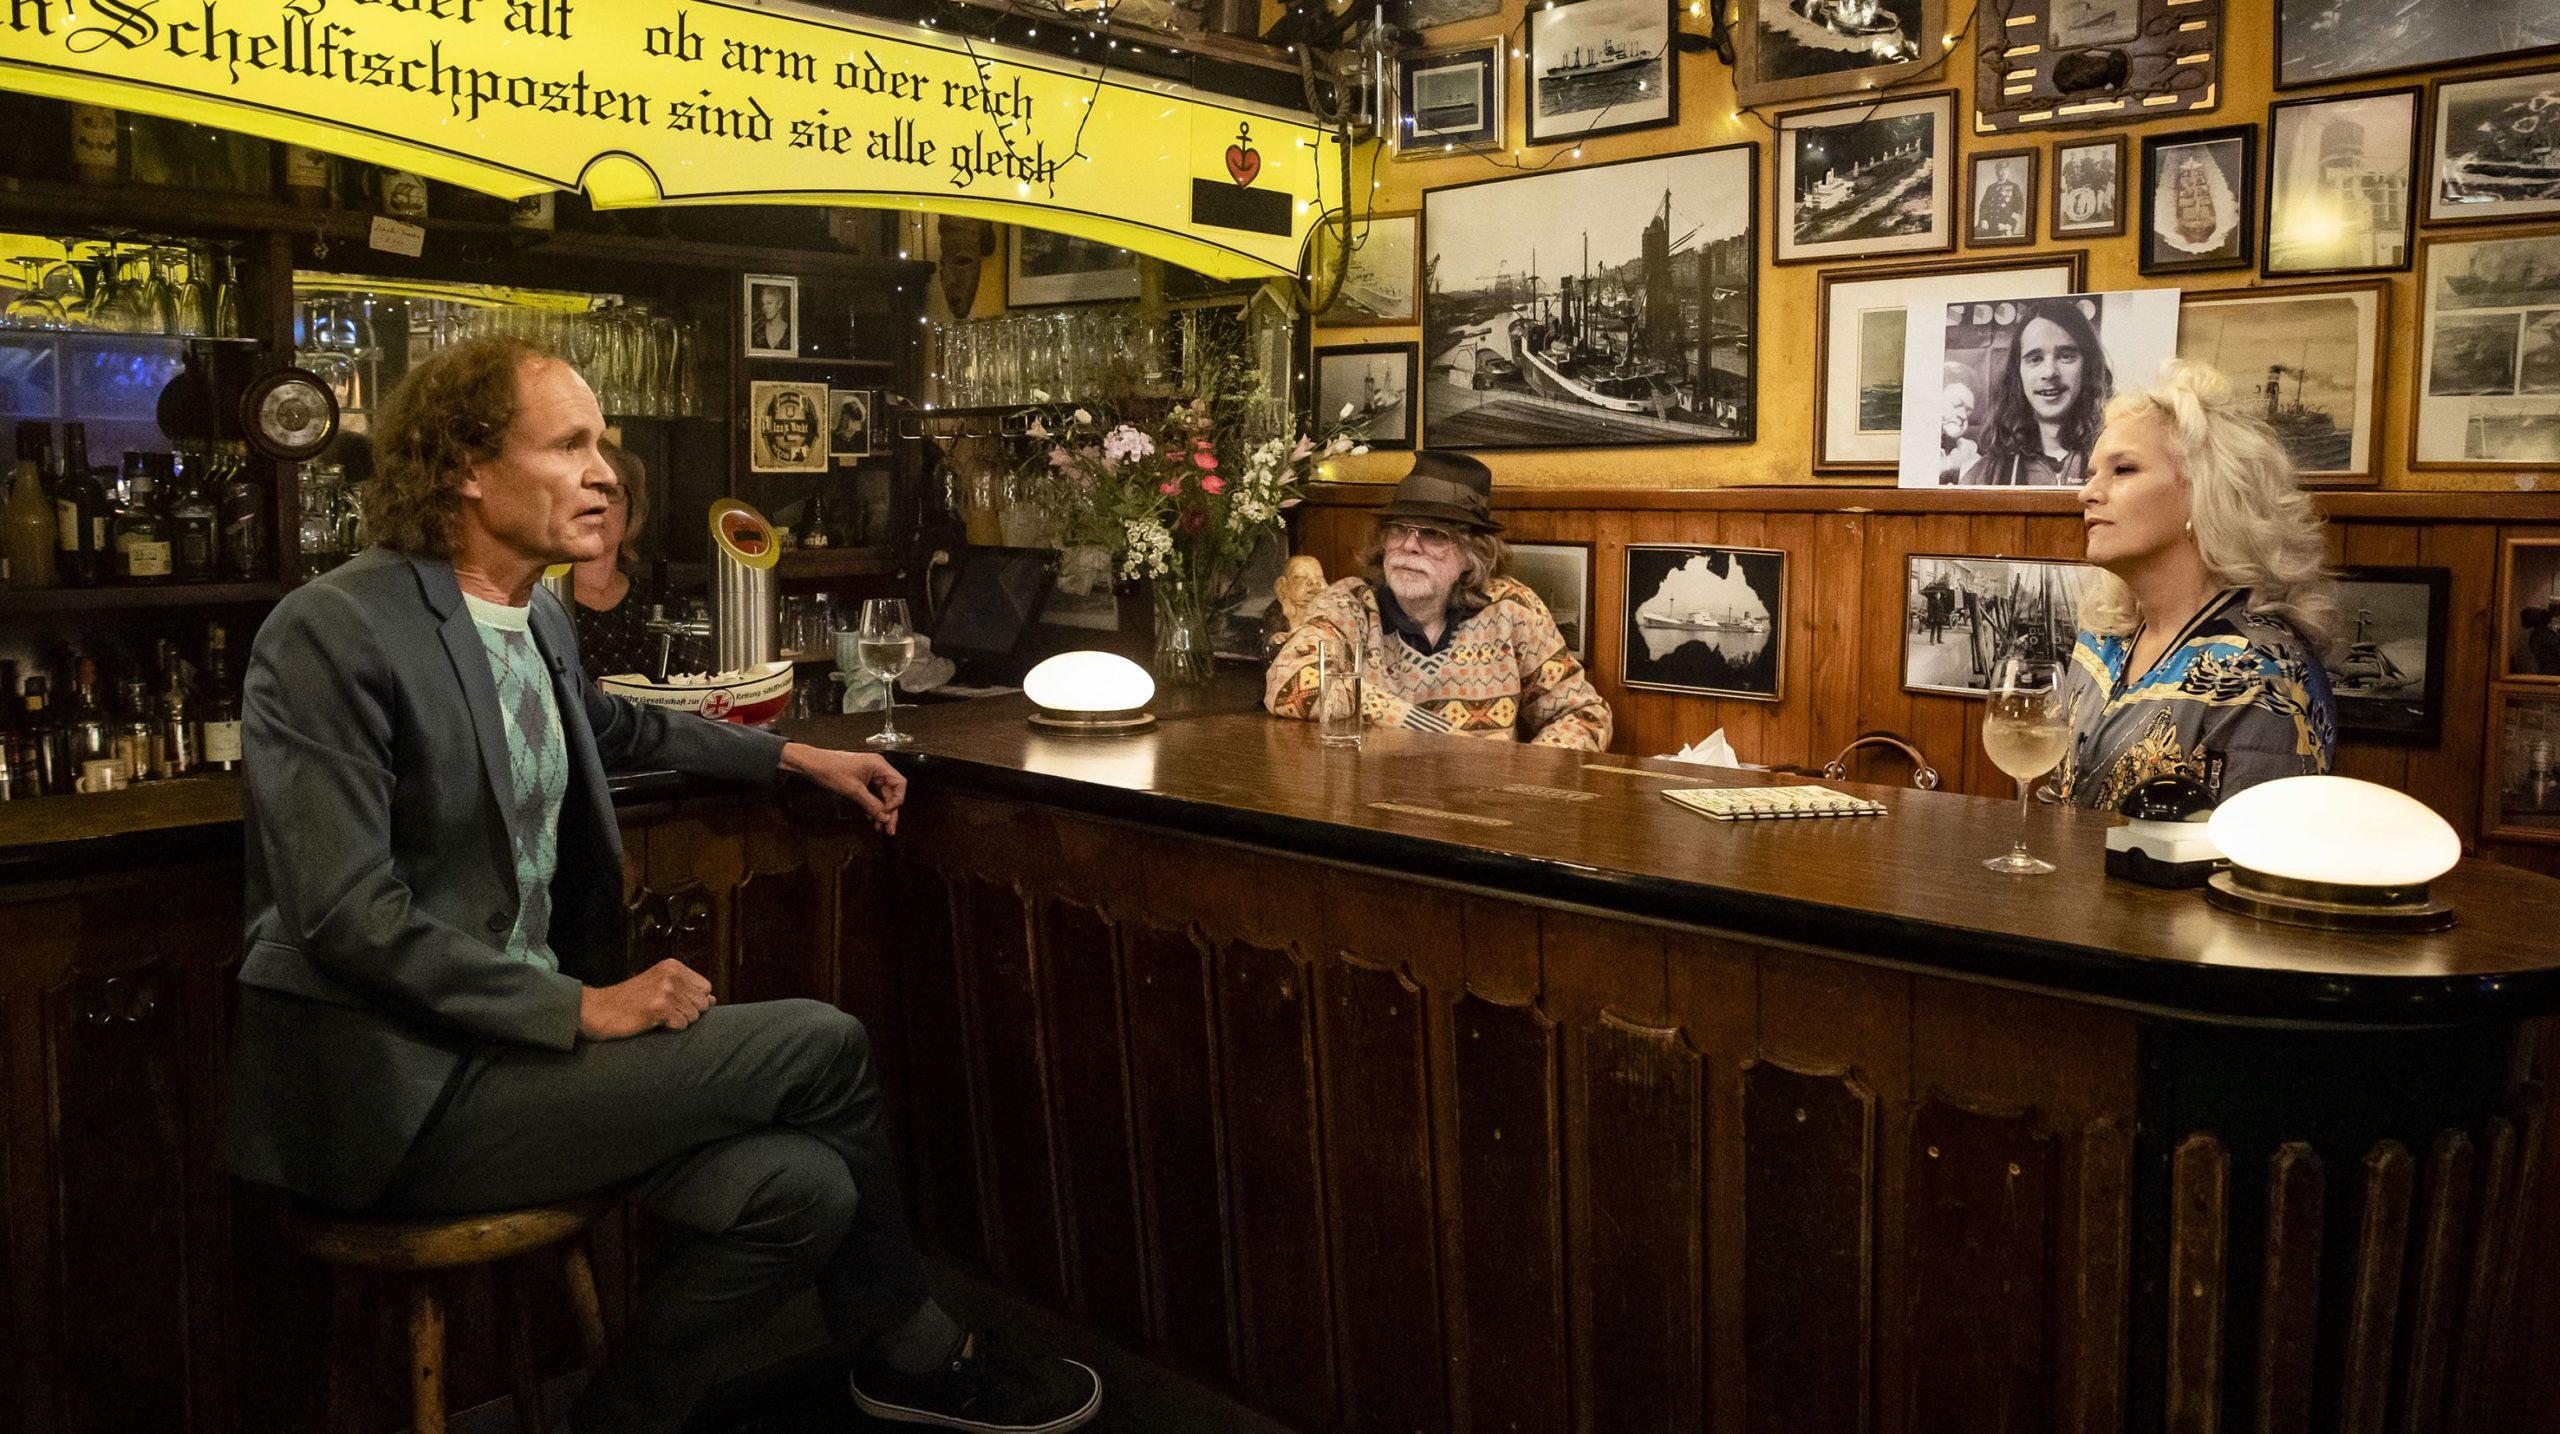 Gastgeberin Ina Müller begrüßt im Schellfischposten in dieser Sendung den Musiker Helge Schneider und den Komiker Olaf Schubert.